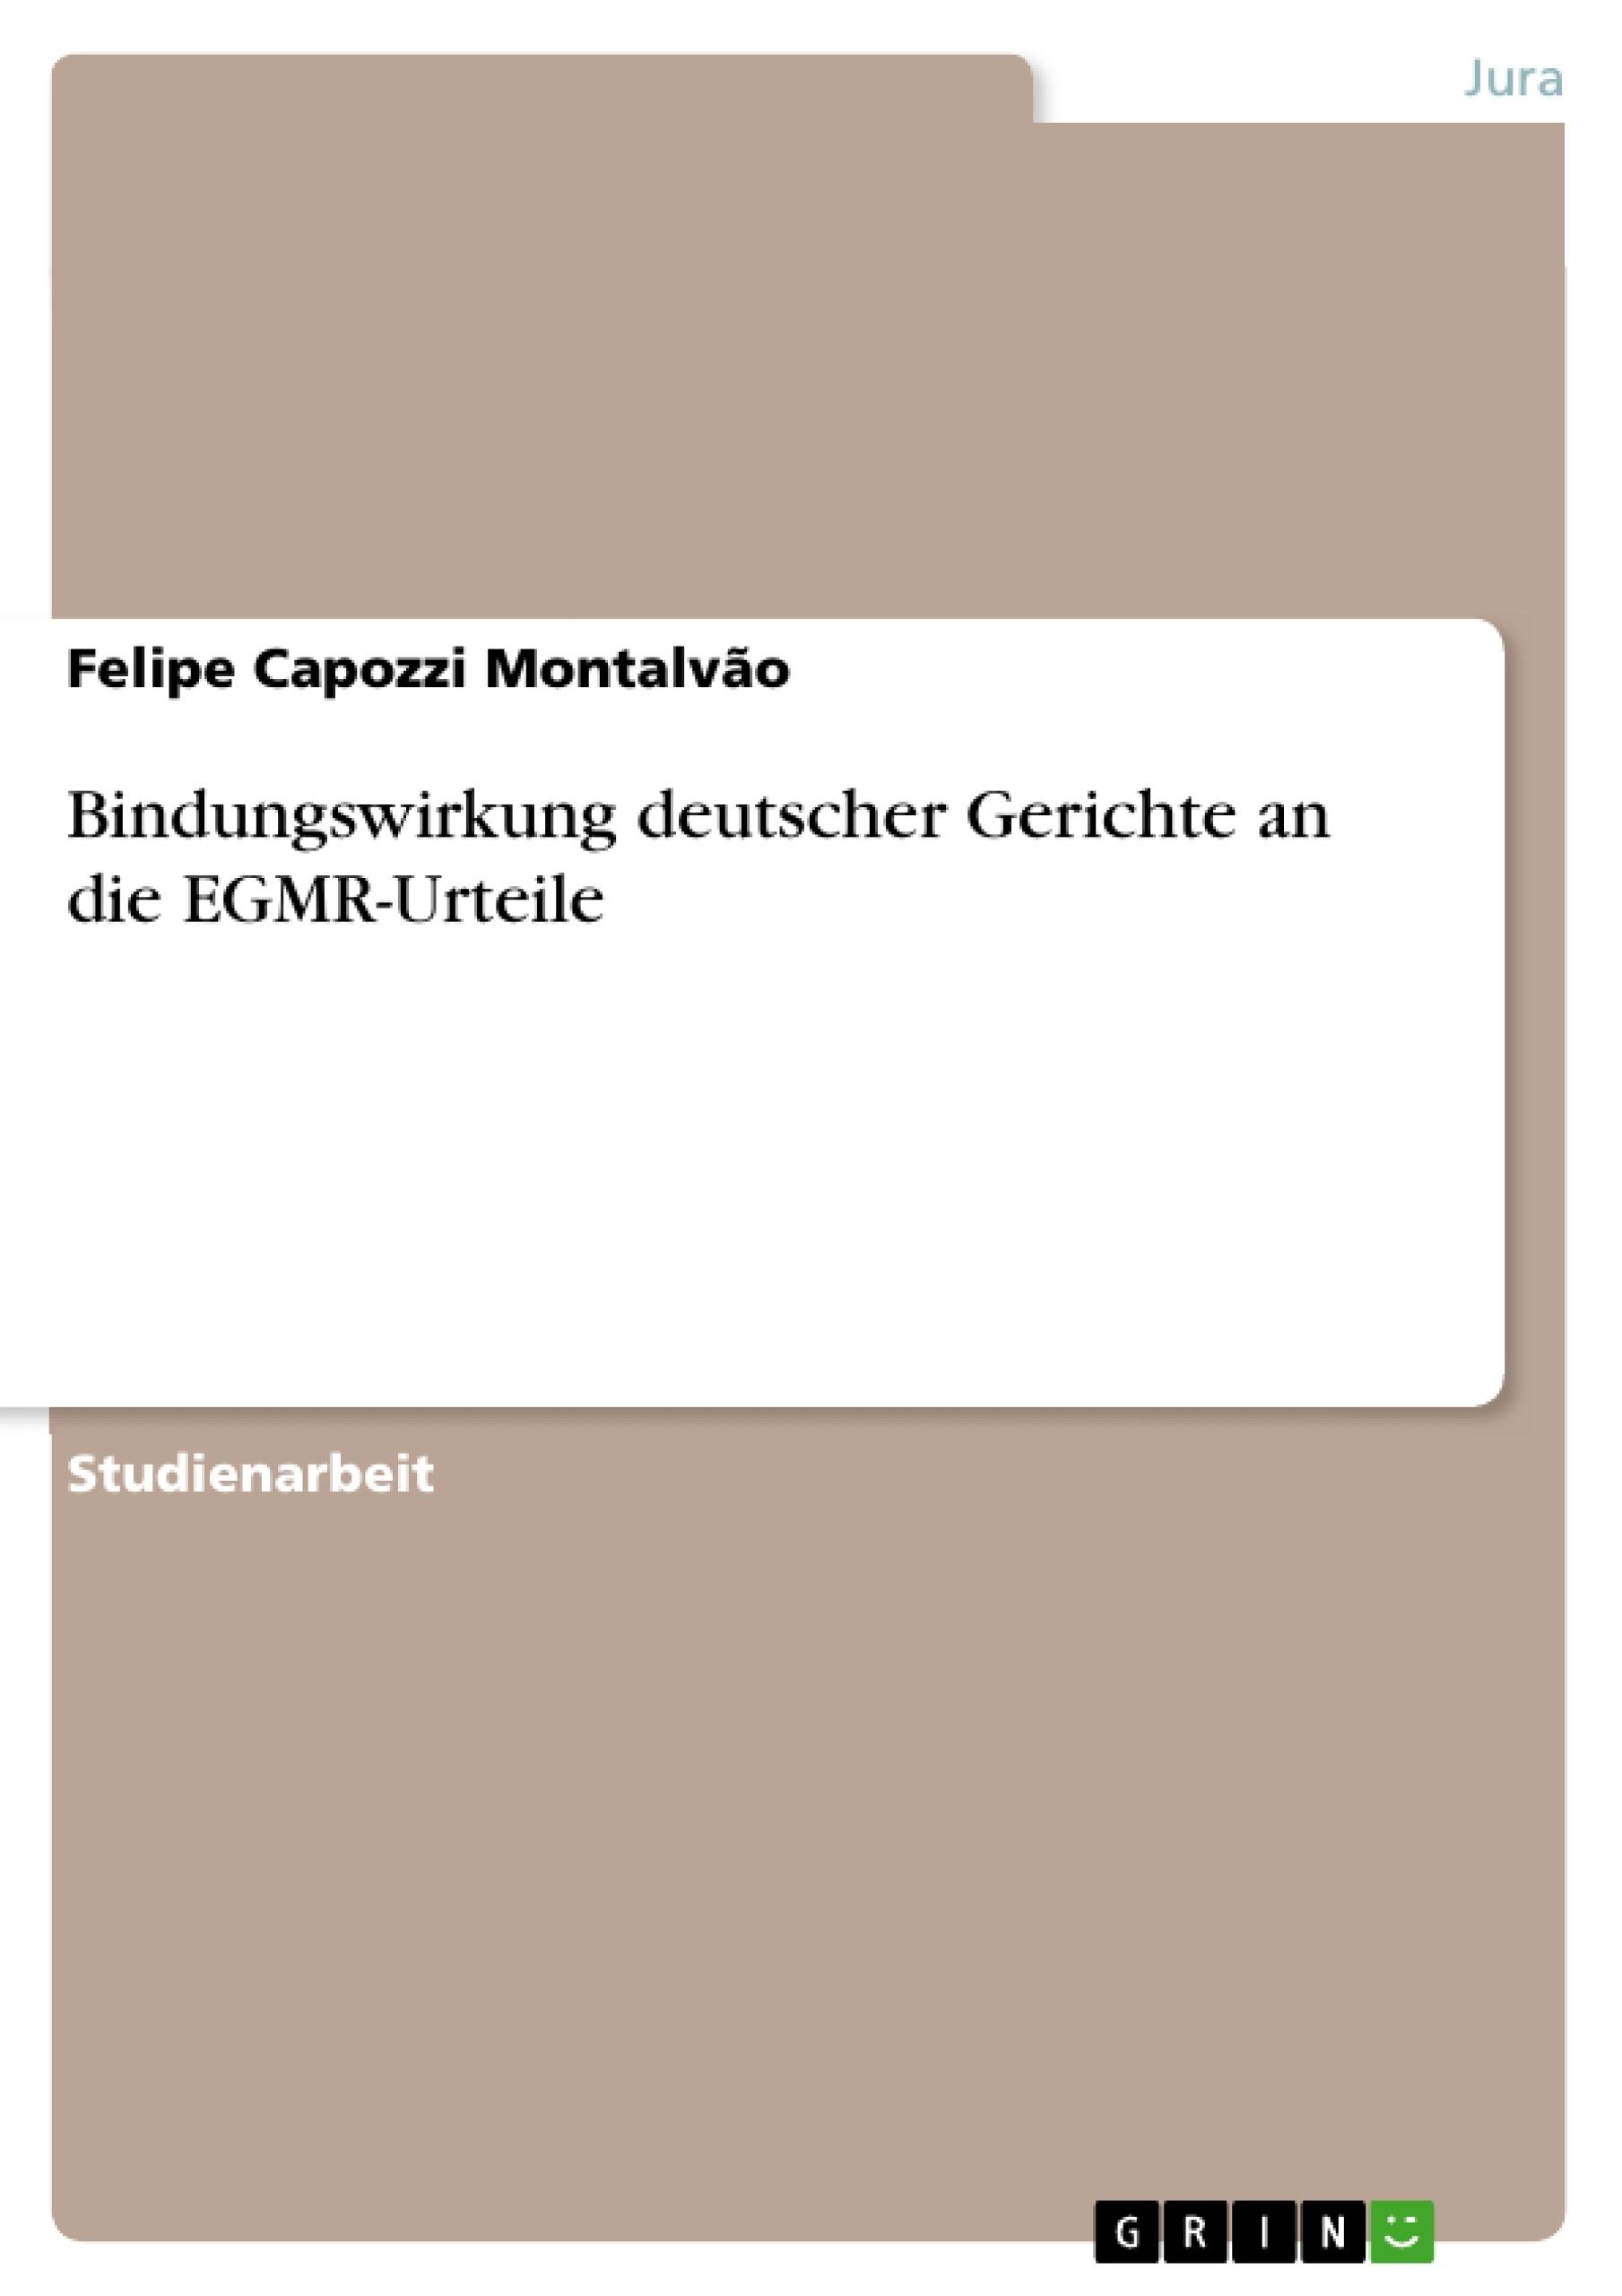 Titel: Bindungswirkung deutscher Gerichte an die EGMR-Urteile